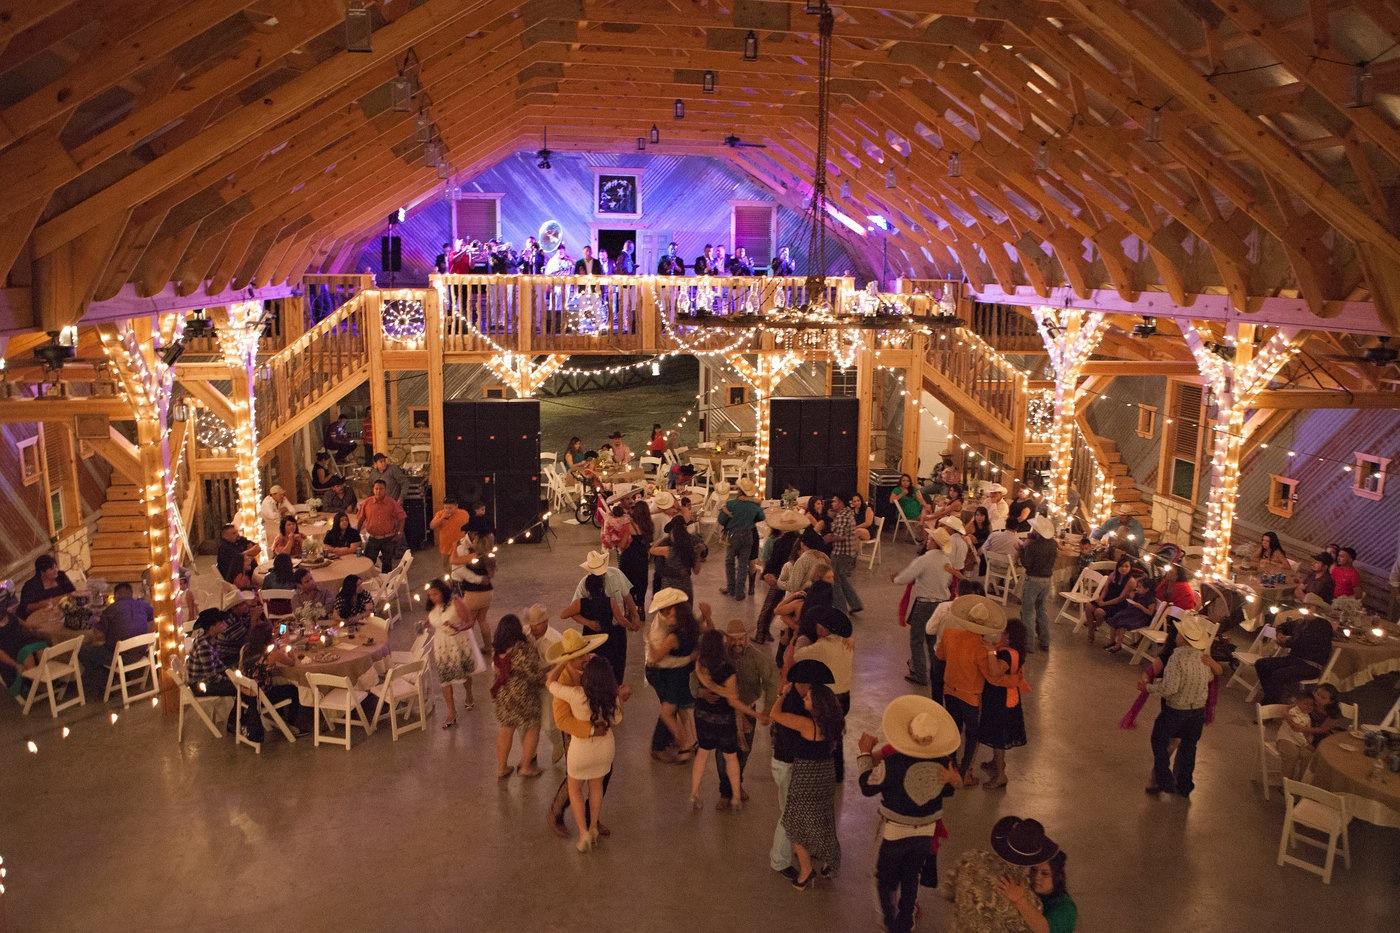 Wedding Event Venue Jones Barn Llc In Cleburne Tx